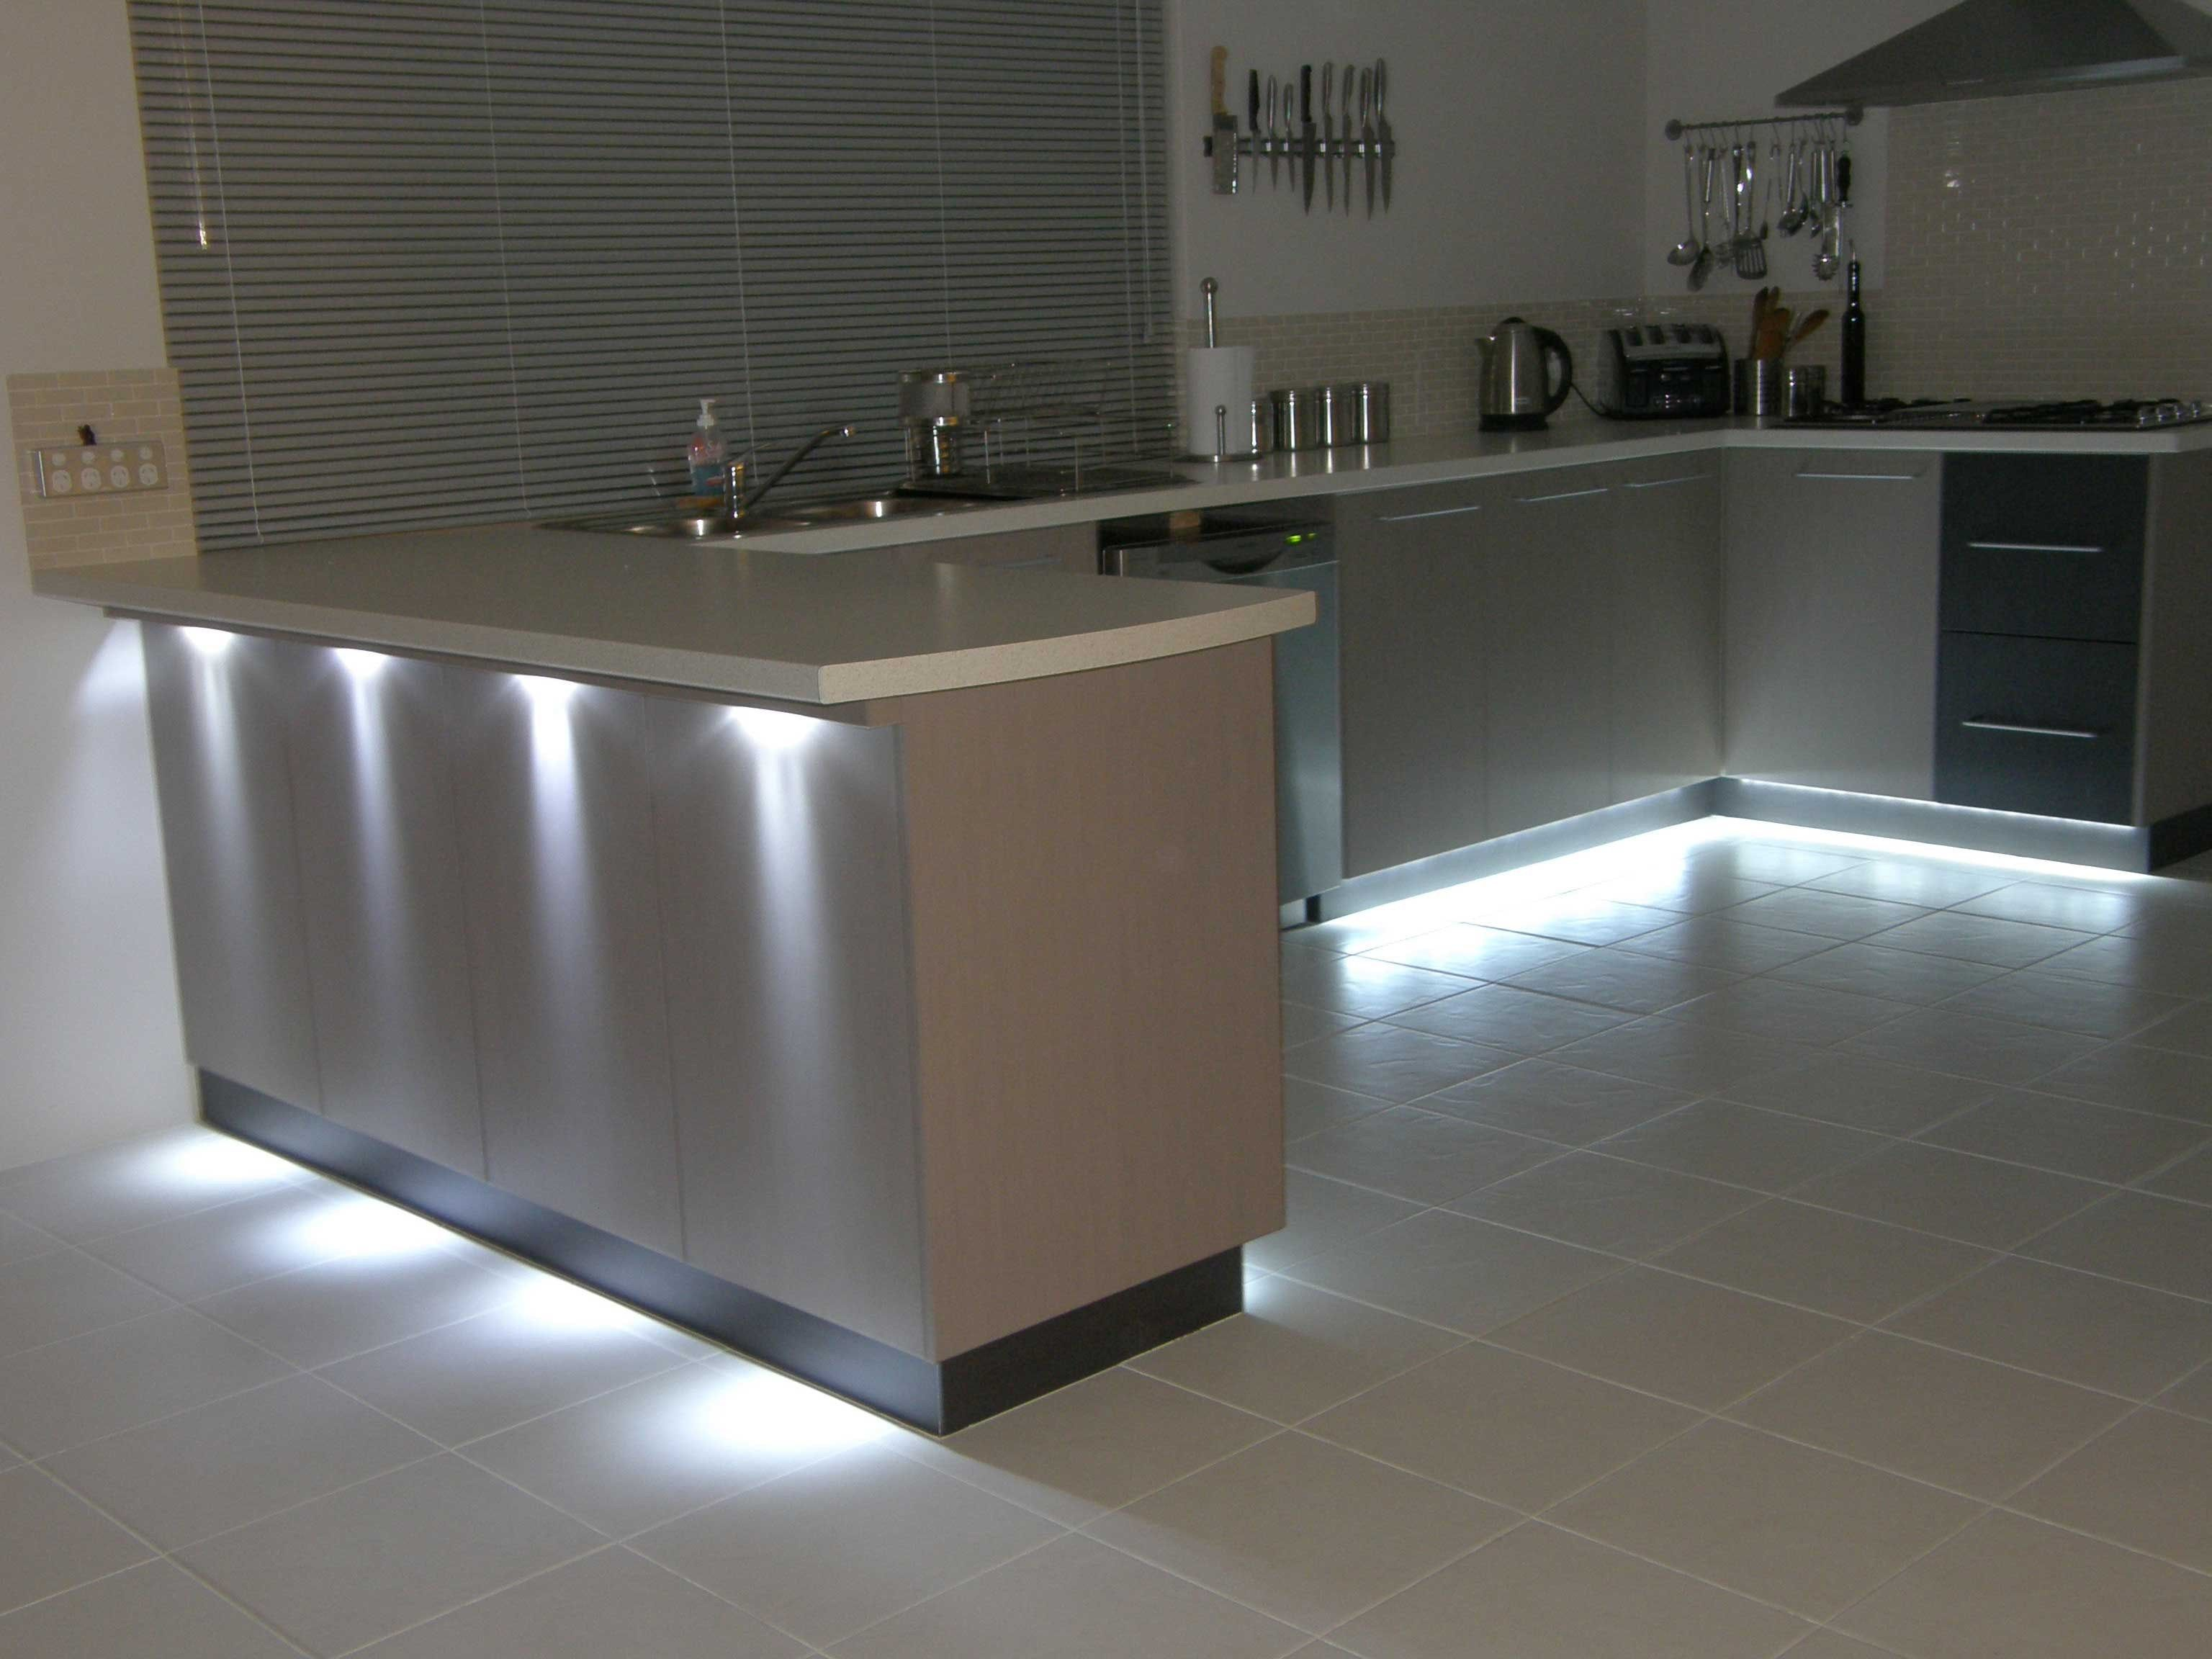 Led Kitchen Ceiling Light Fixture Led Light Design Led Kitchen Lights Ceiling Home Depot Y Lighting Interior Design Ideas Home Decorating Inspiration Moer Kitchen Under Cabinet Lighting Kitchen